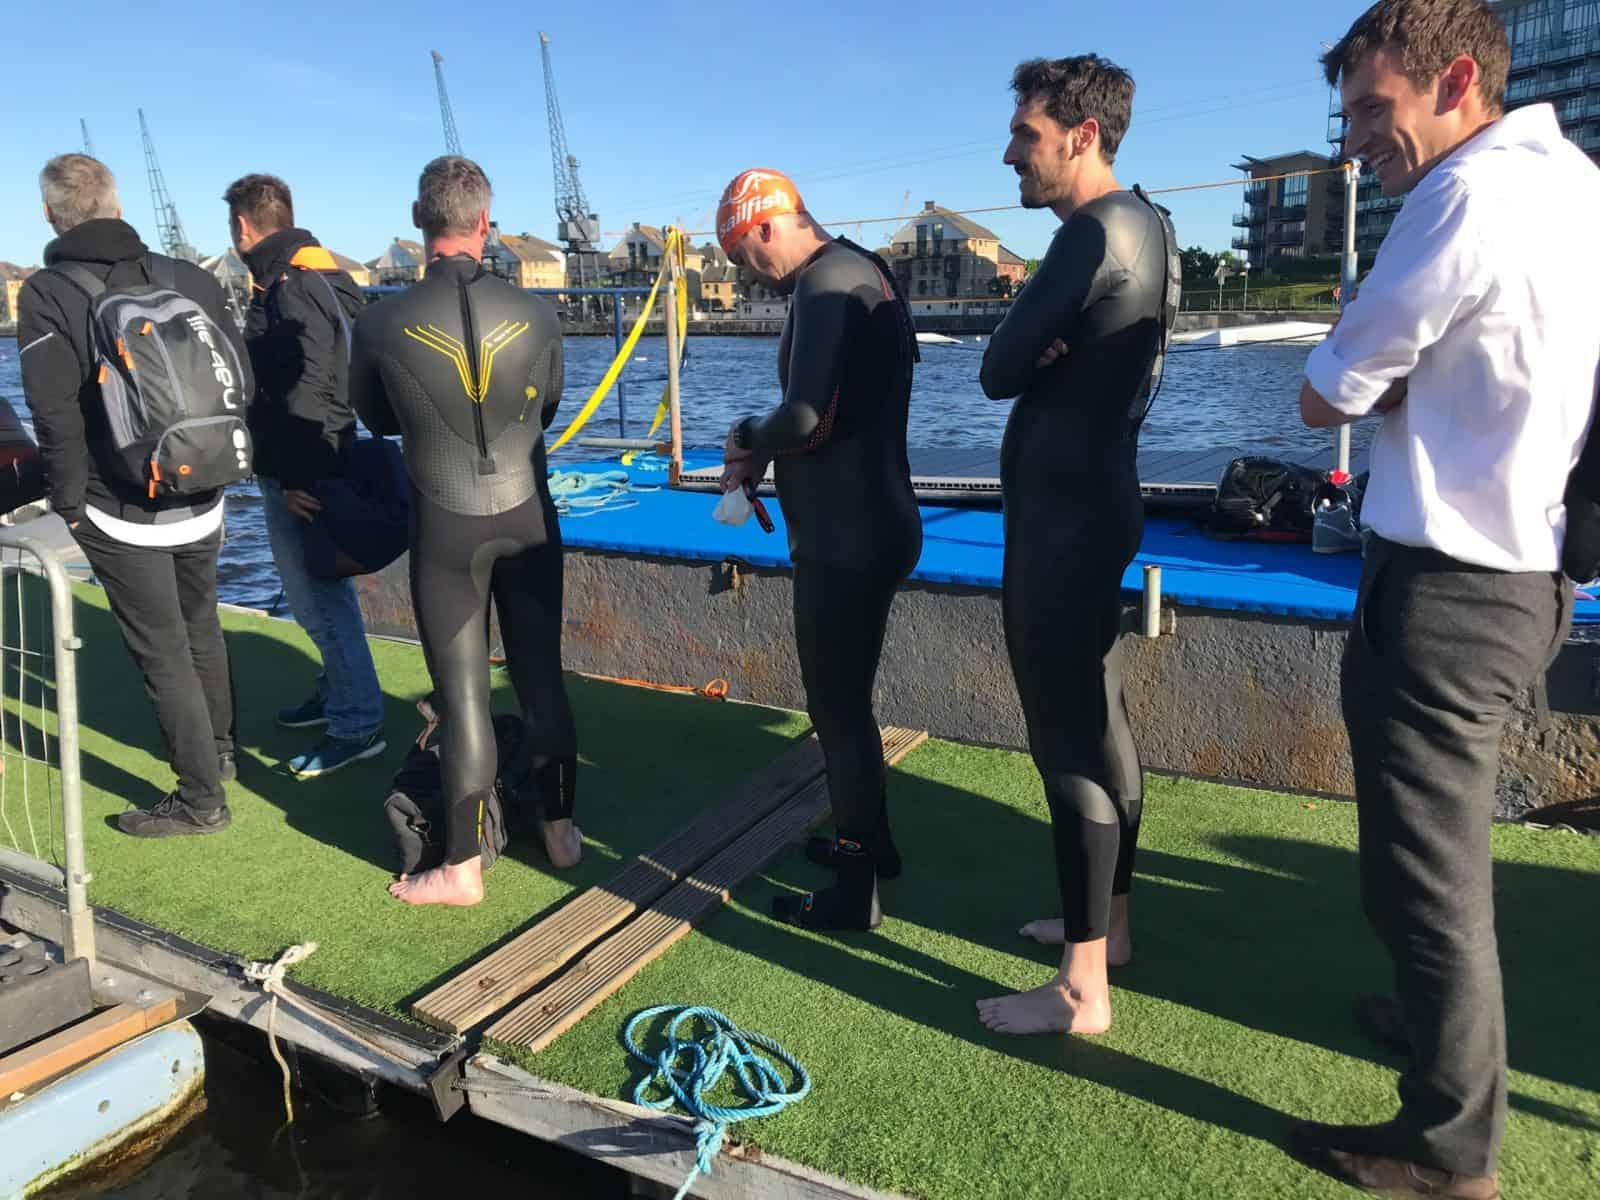 Briten gelten als kälteresistent. Trotzdem schwimmen viele lieber mit Neopren.